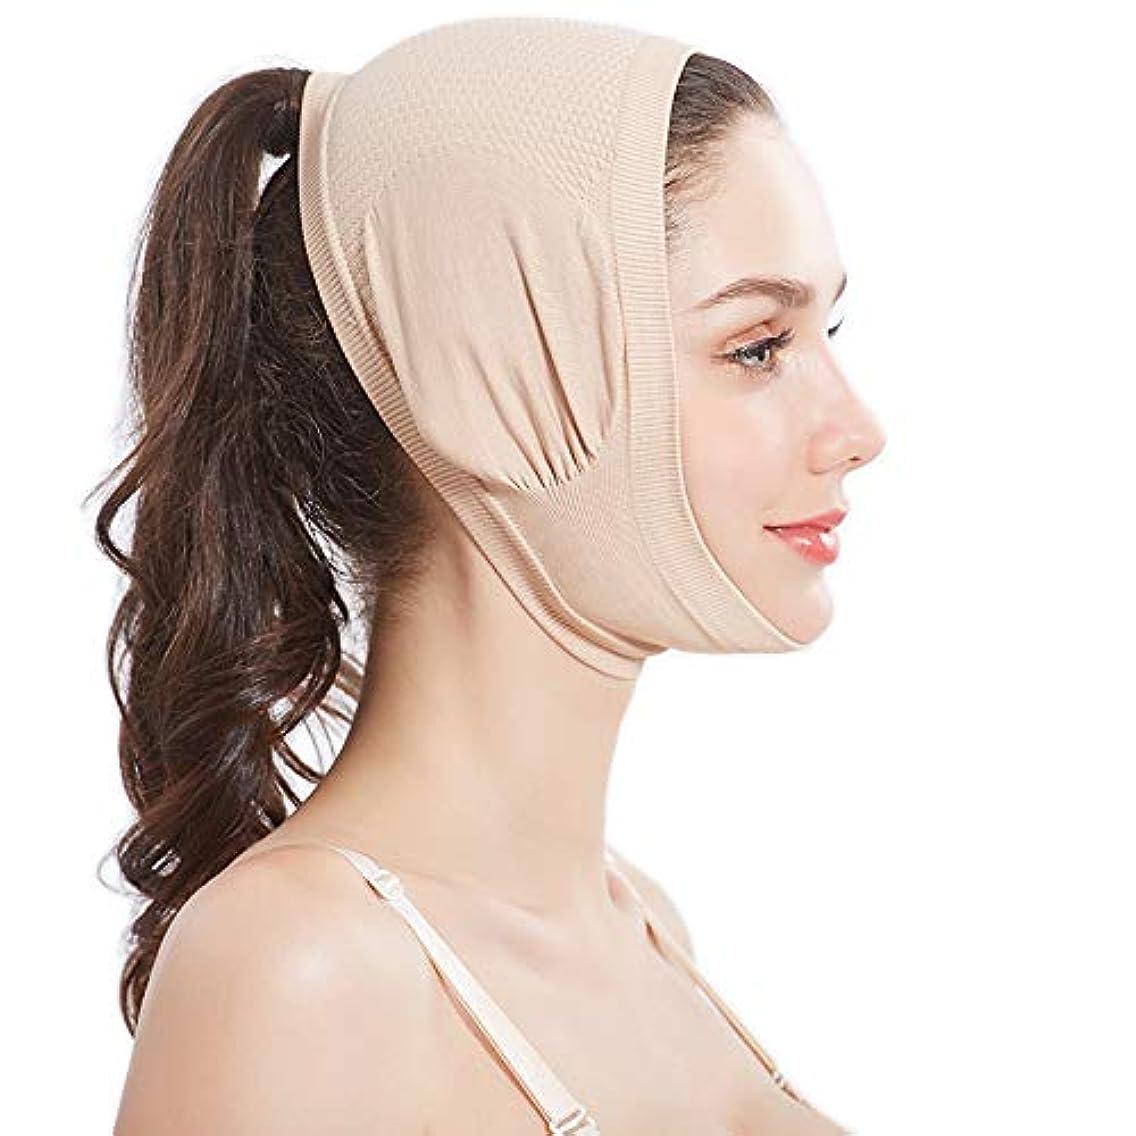 処方するはさみ放送痩身チークマスク、抗ストレスウェルネスマスク、スリム顔、滑らかな通気性の圧縮あご細いストラップ V フェースラインリフトアップベルトバンド,Flesh